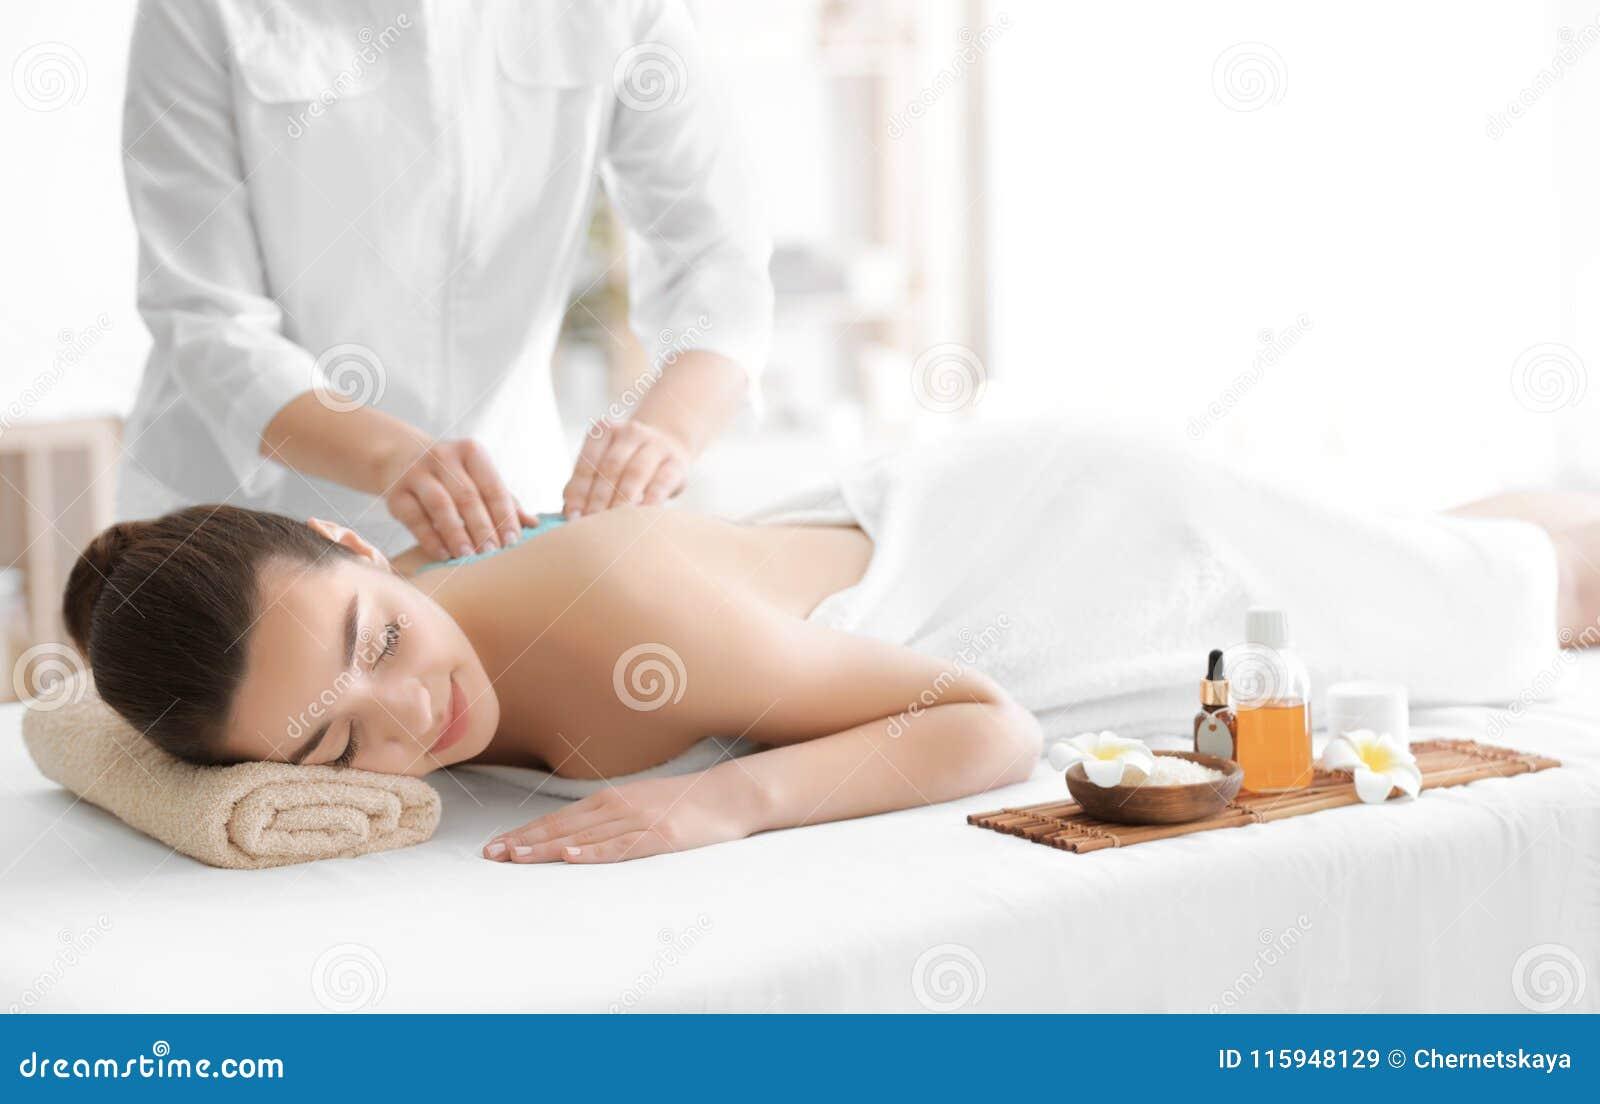 Det härliga hälerit för ung kvinna skurar massage